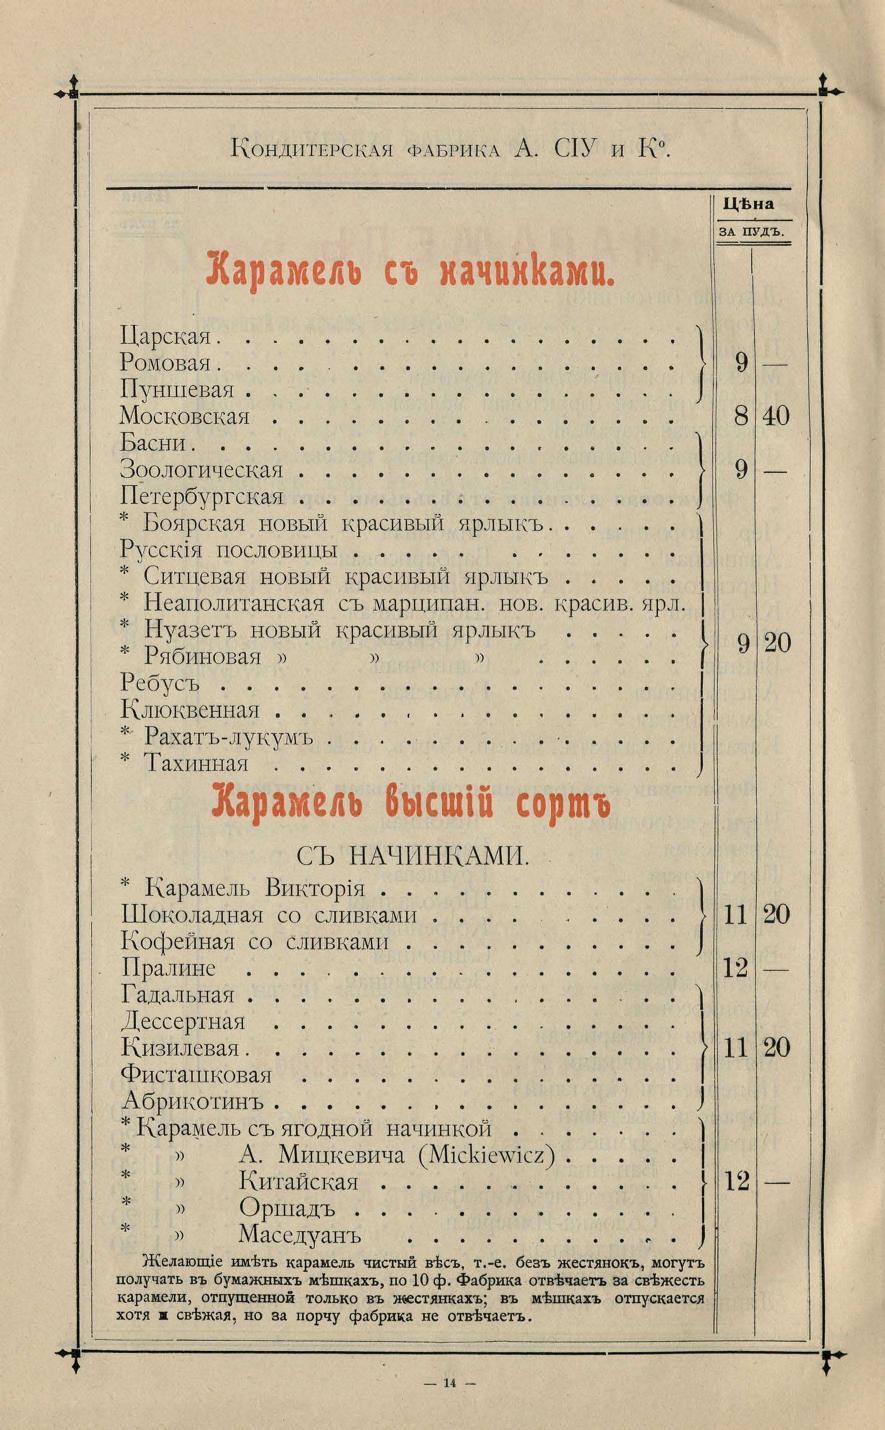 Бренд на века и другие маркетинговые приемы от фирмы Сиу и Ко., изображение №4